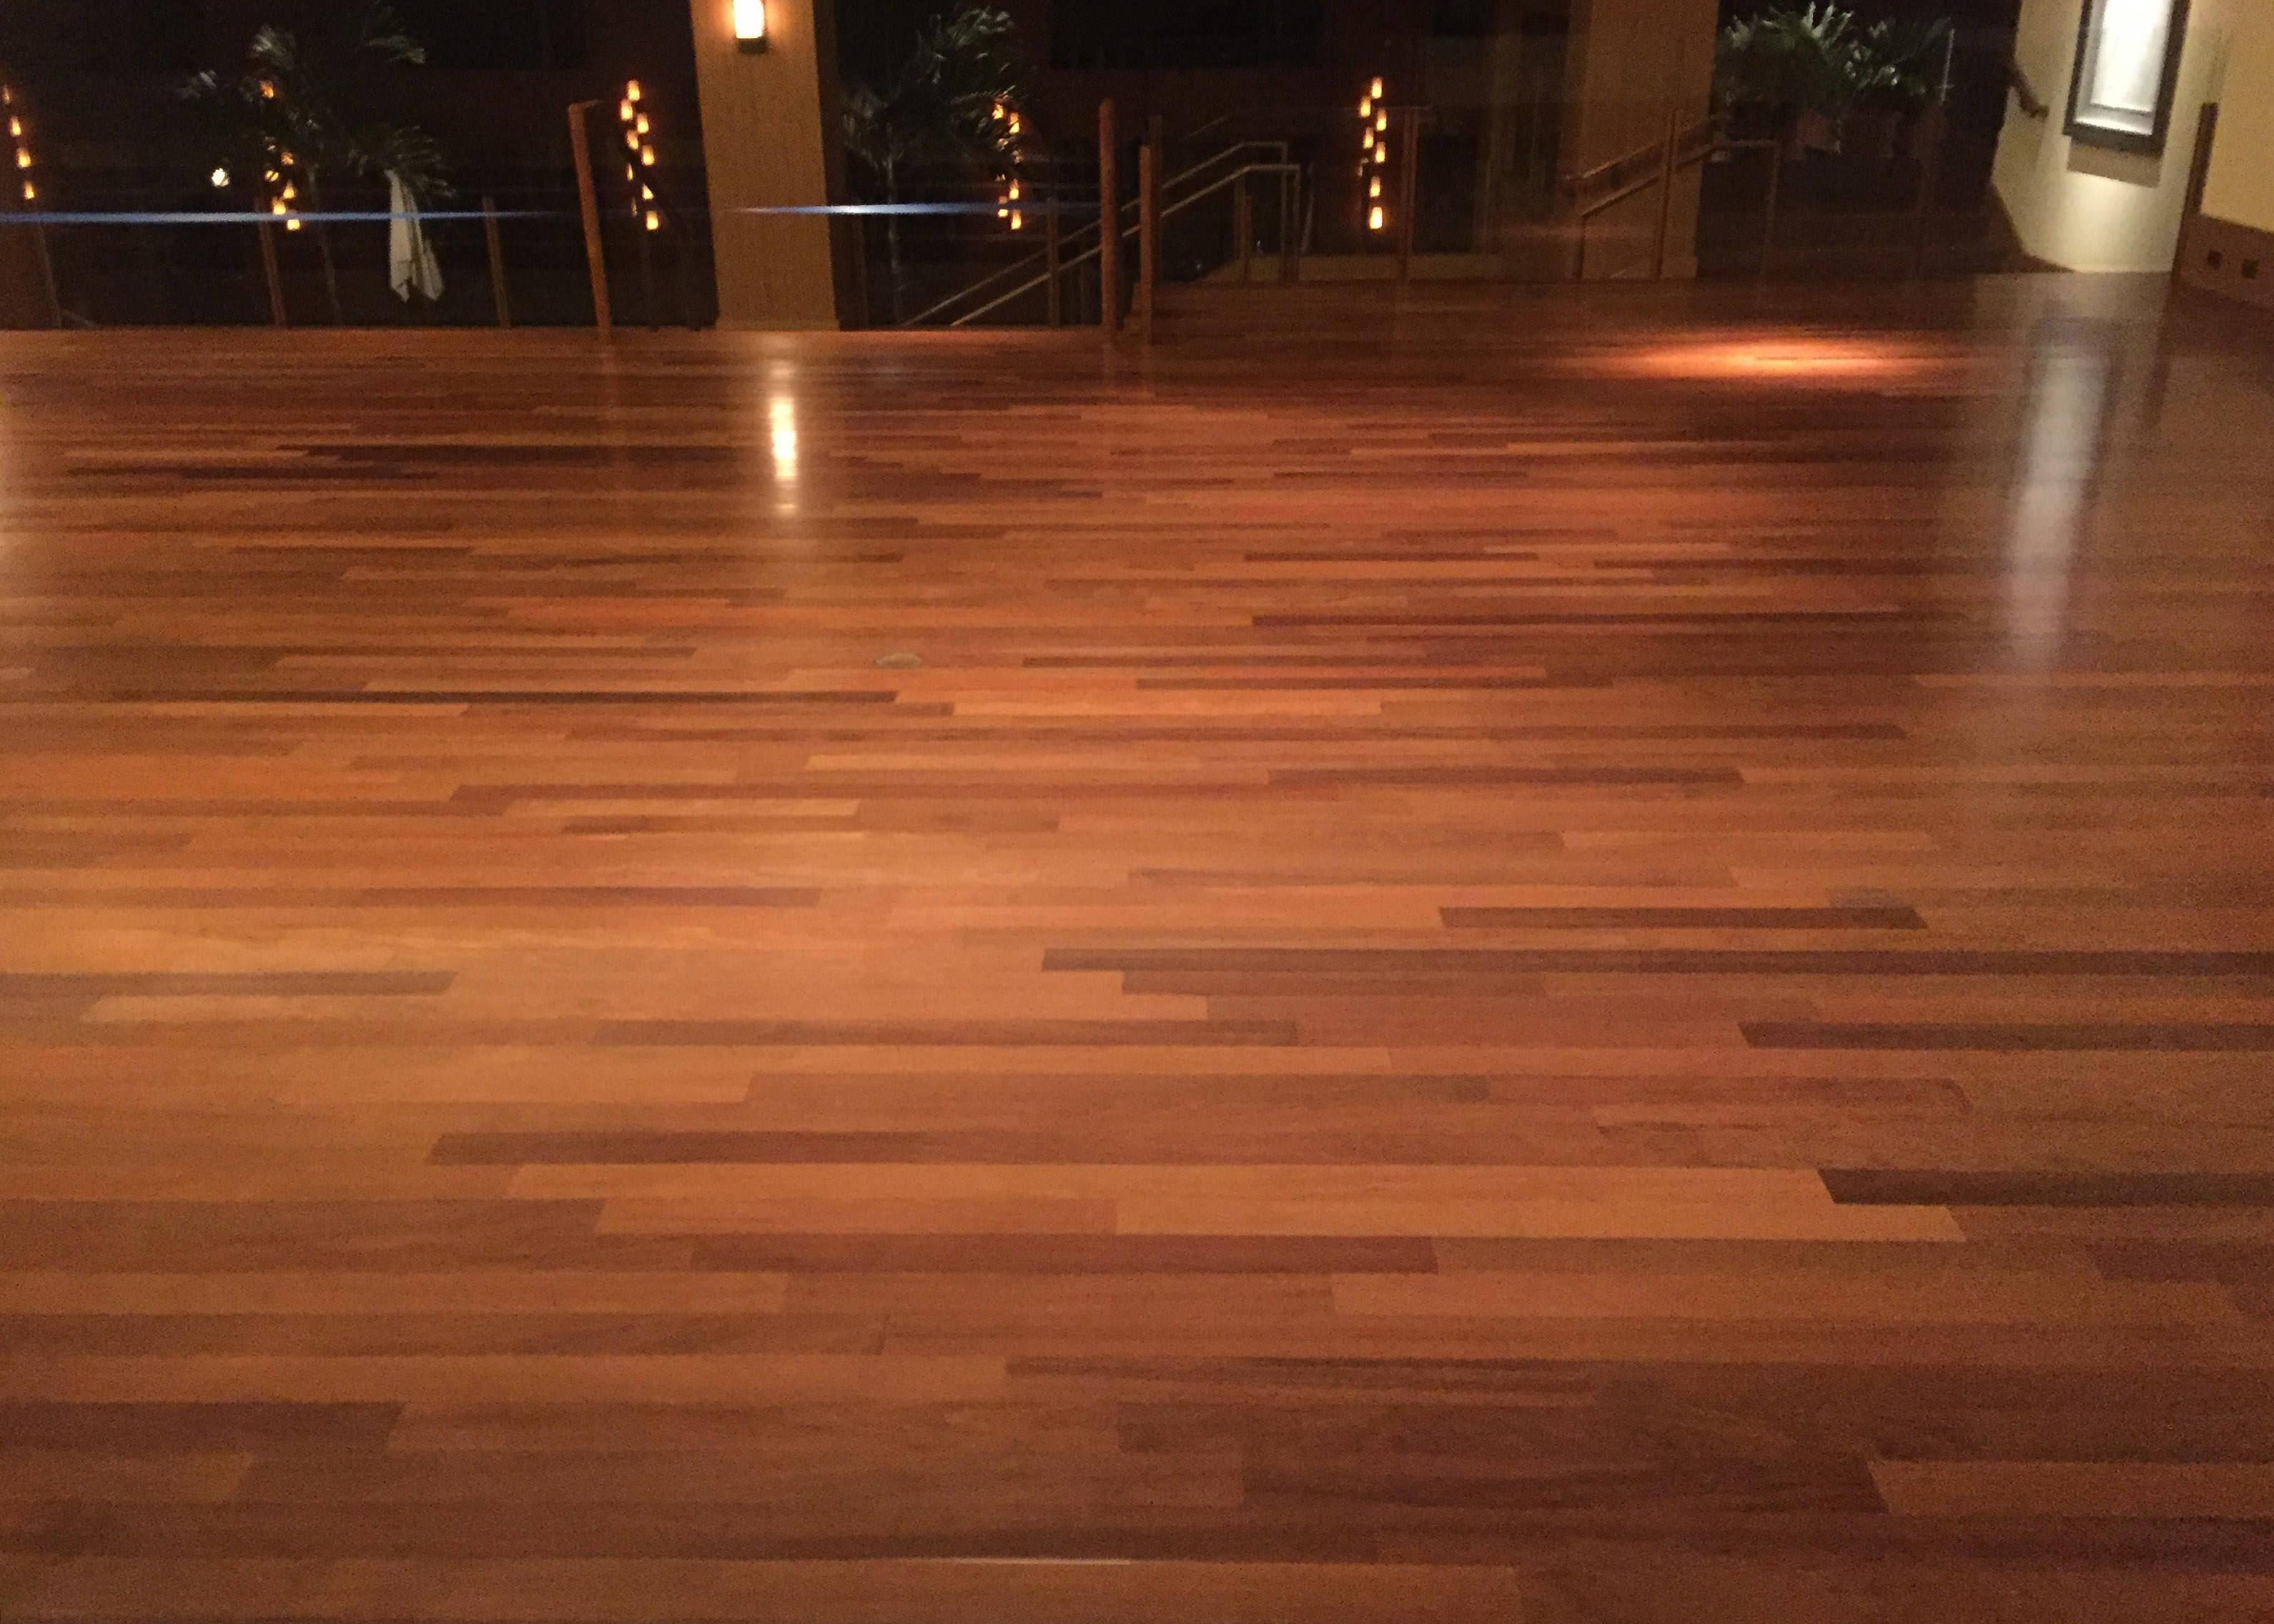 ... Ipe Hardwood Flooring On Four Seasons Deck In Wailea Maui